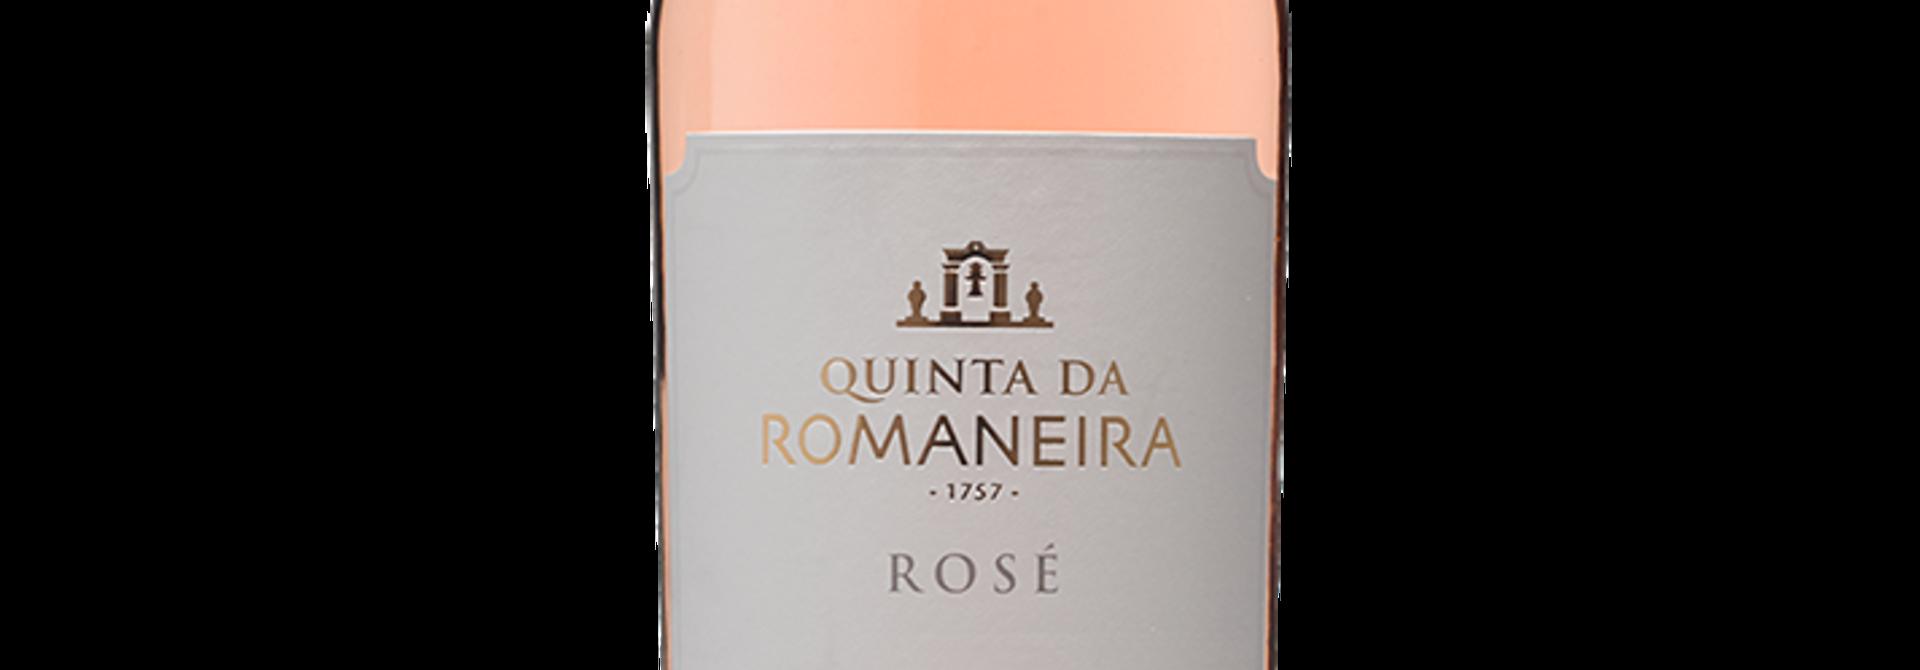 Quinta da Romaneira Rosé